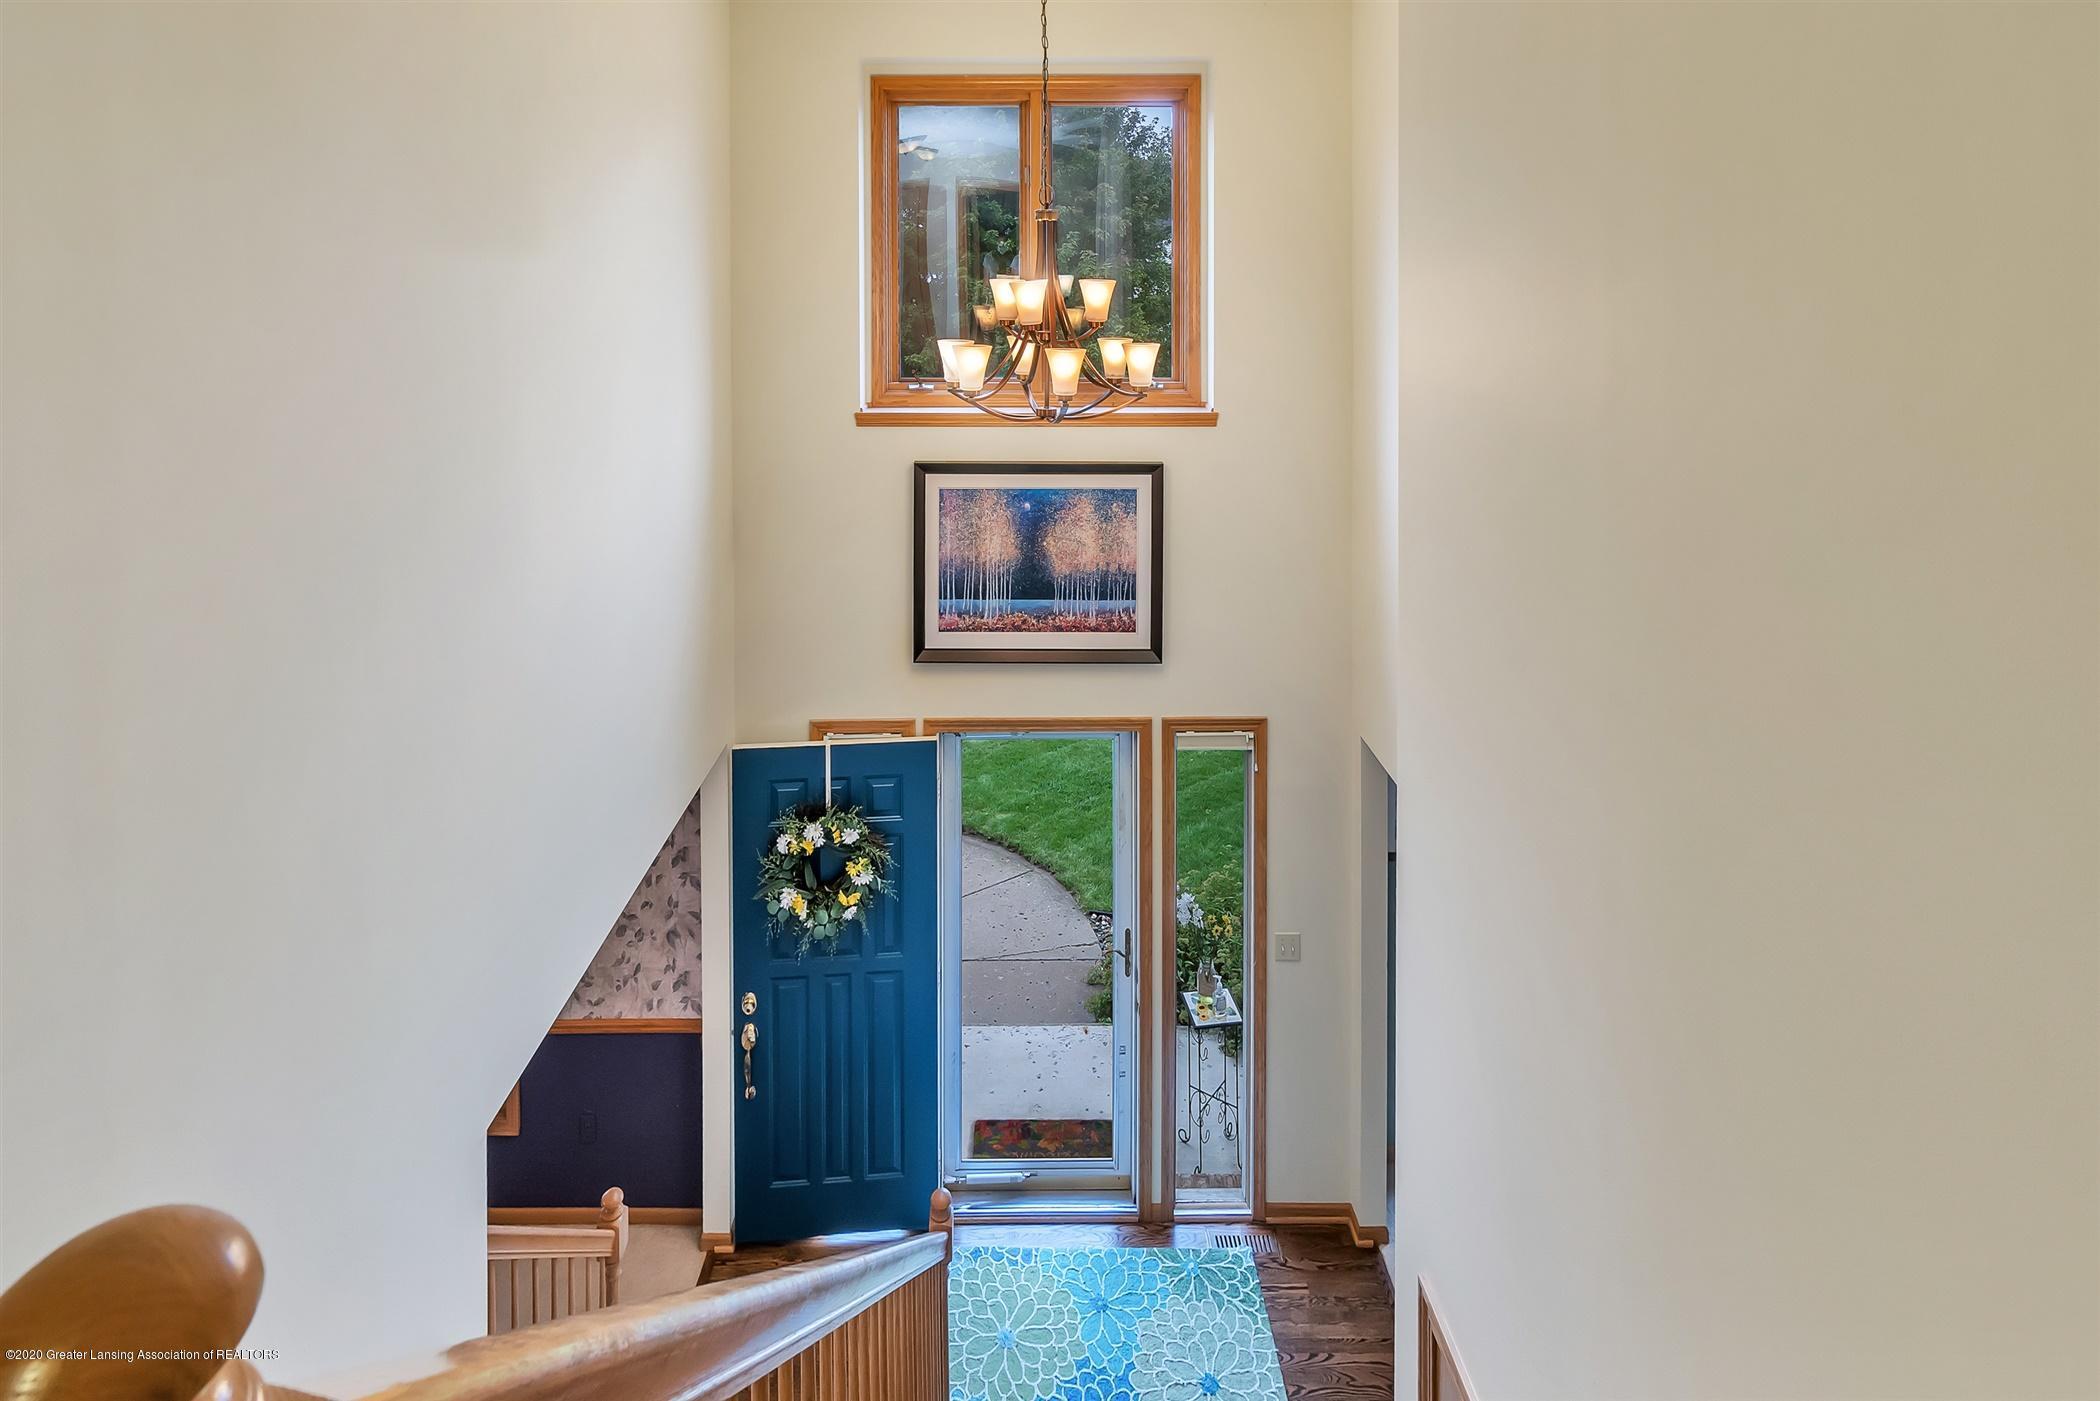 11910 Schavey Rd - 42-11910 Schavey Rd.-windowstill-re - 42